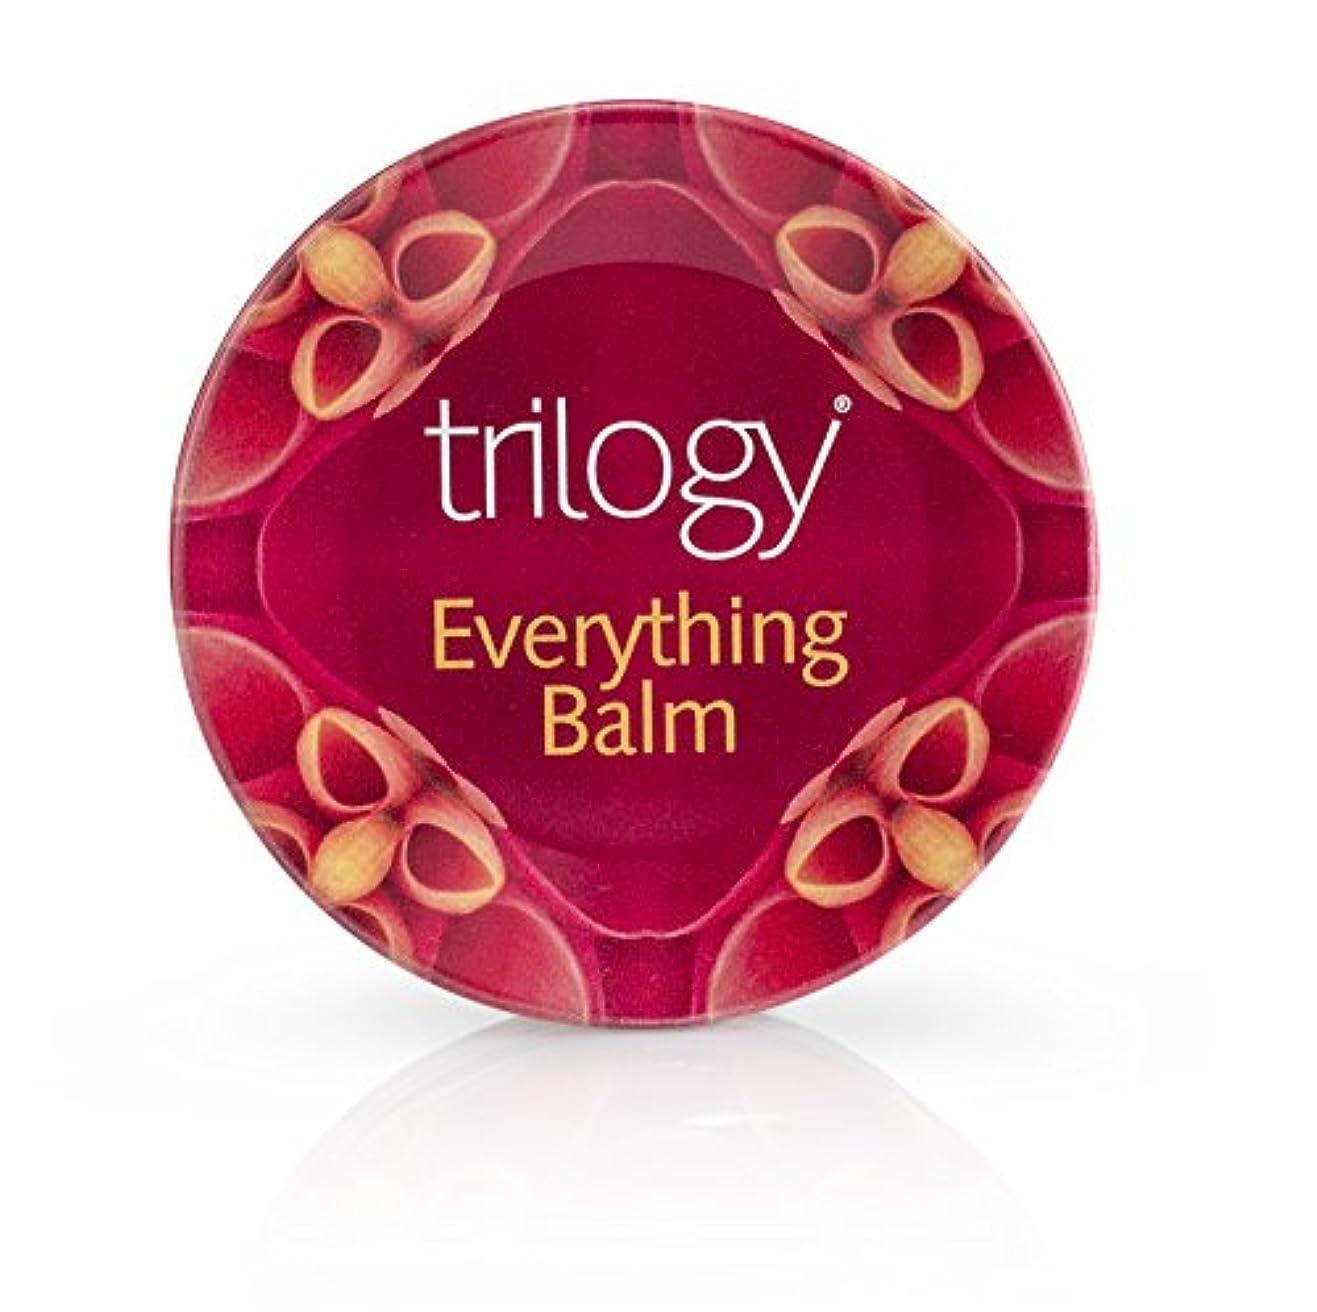 精神的にカトリック教徒前兆トリロジー(trilogy) エブリシング バーム 〈全身用バーム〉 (95mL)